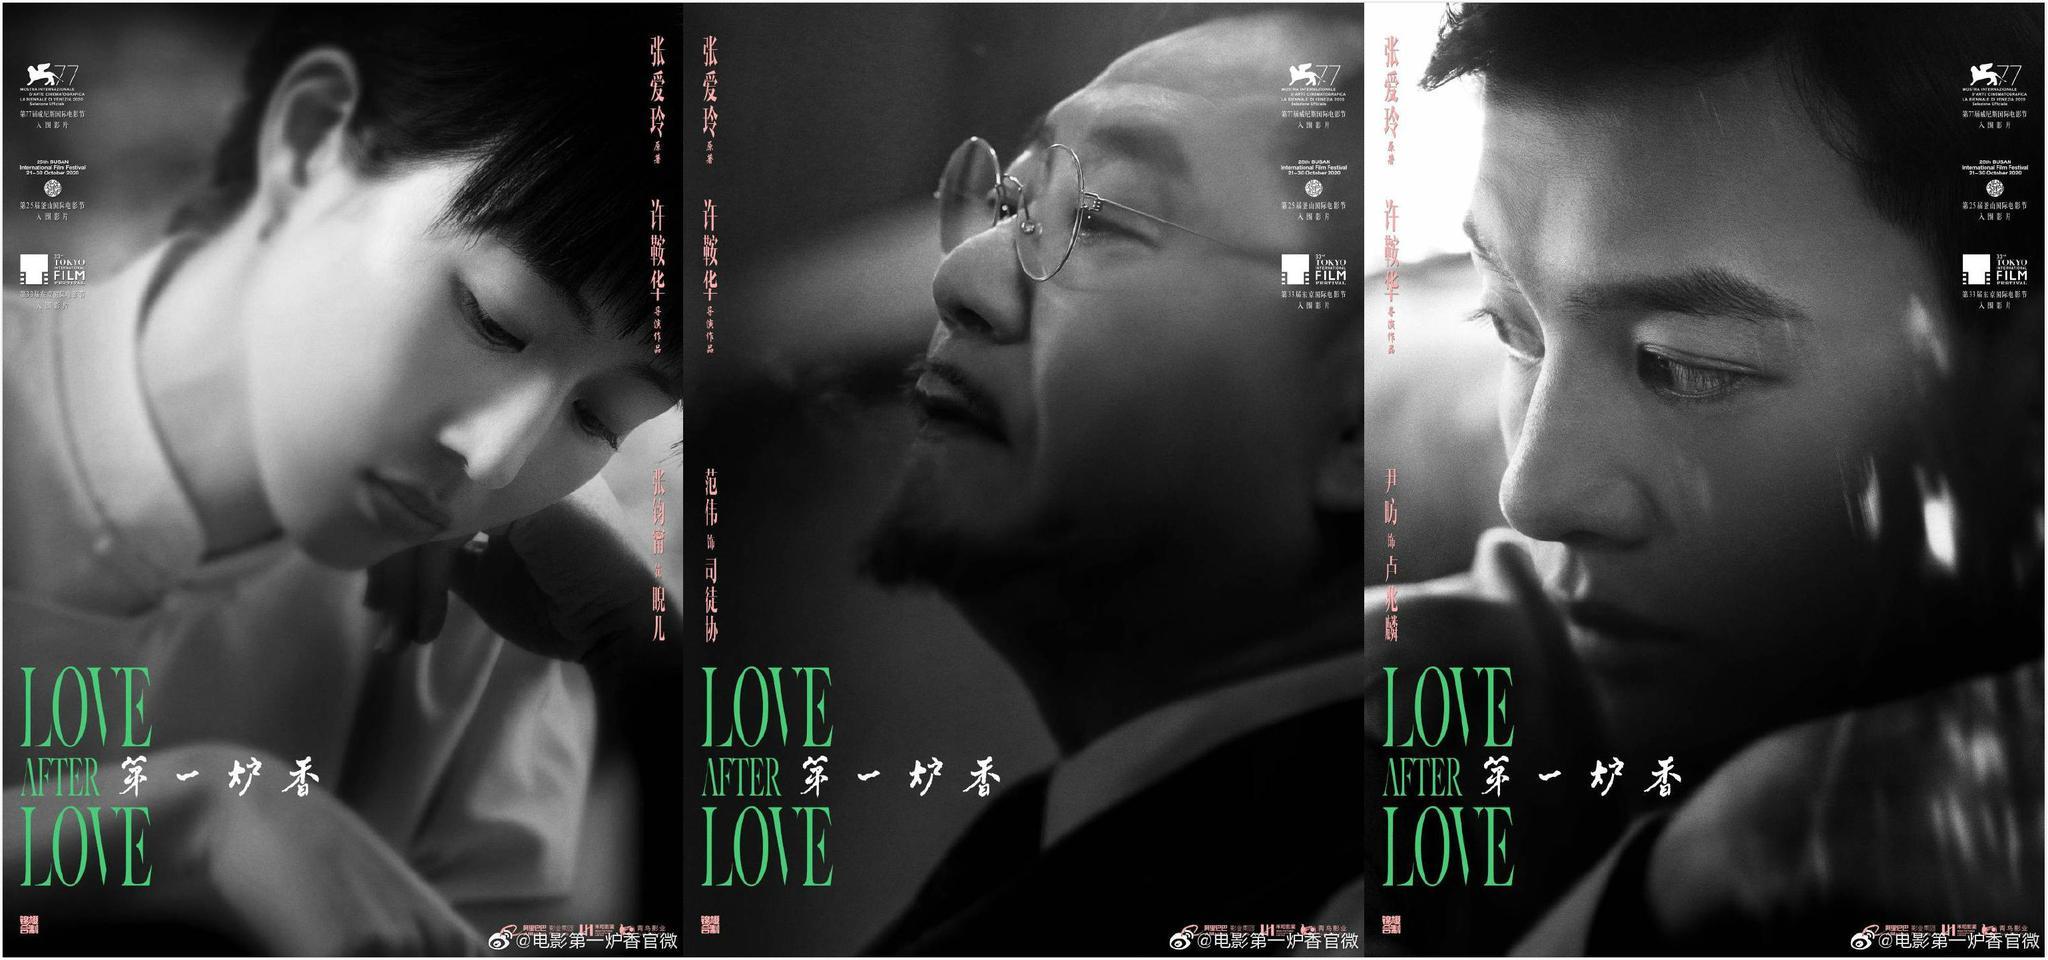 张钧甯、范伟、尹昉电影《第一炉香》造型曝光图片